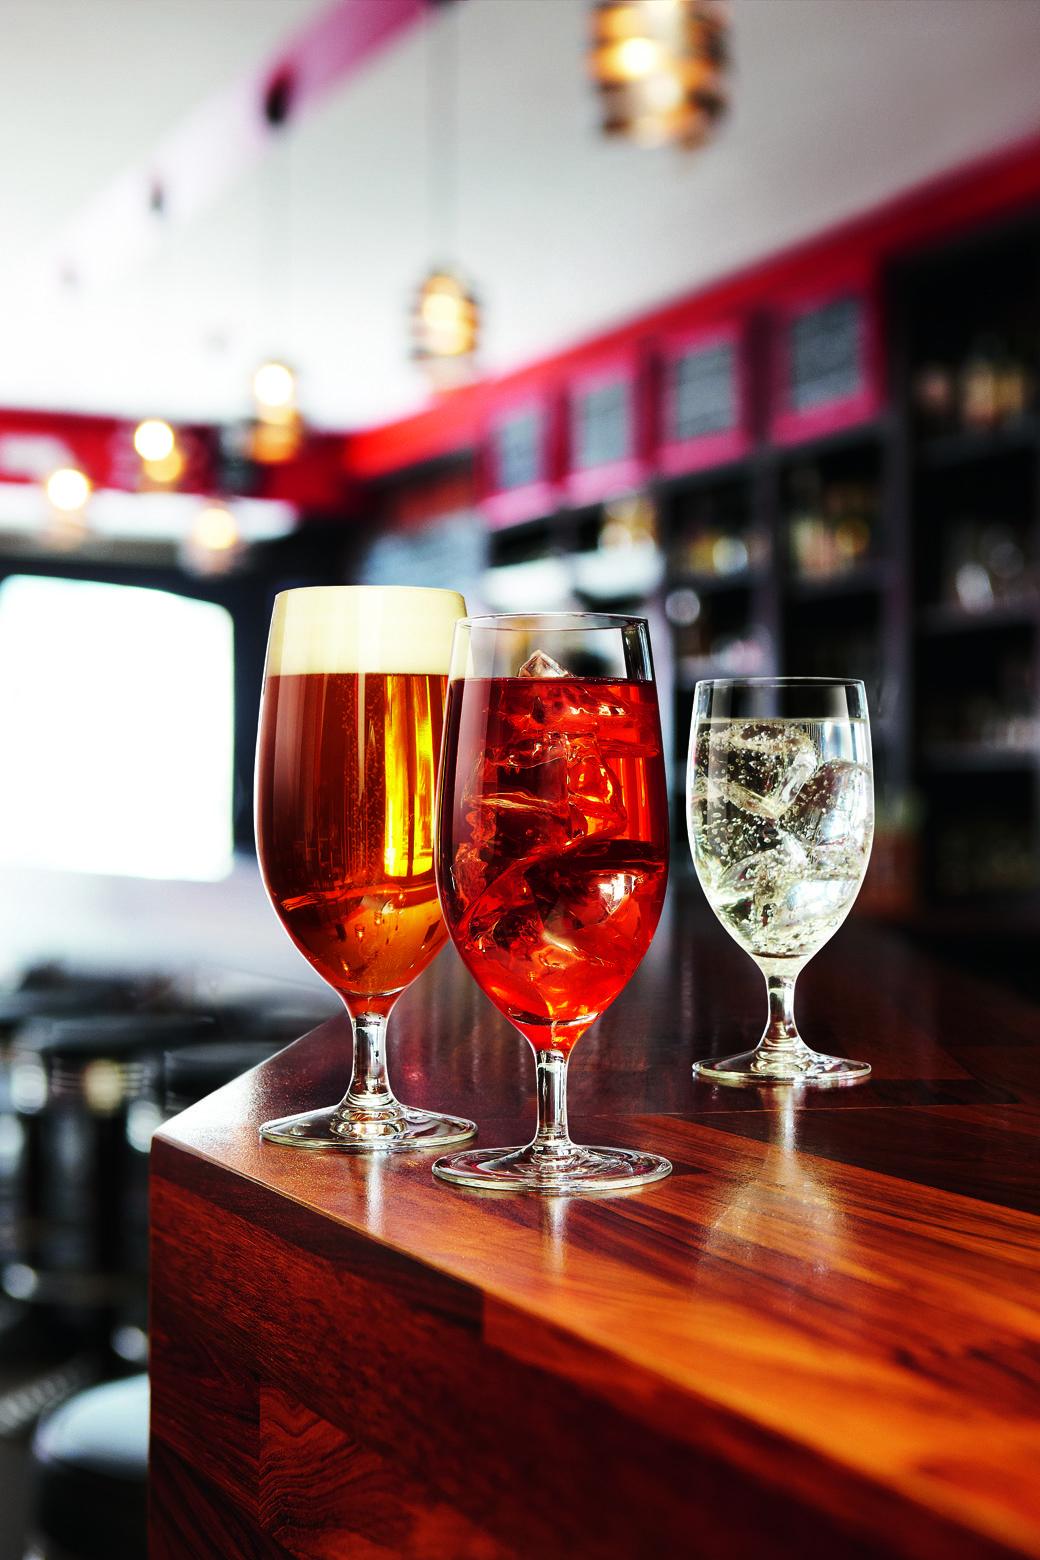 Collection Cabernet Multi Purpose Verre De Vin Rouge Vin Rouge Et Verre A Pied